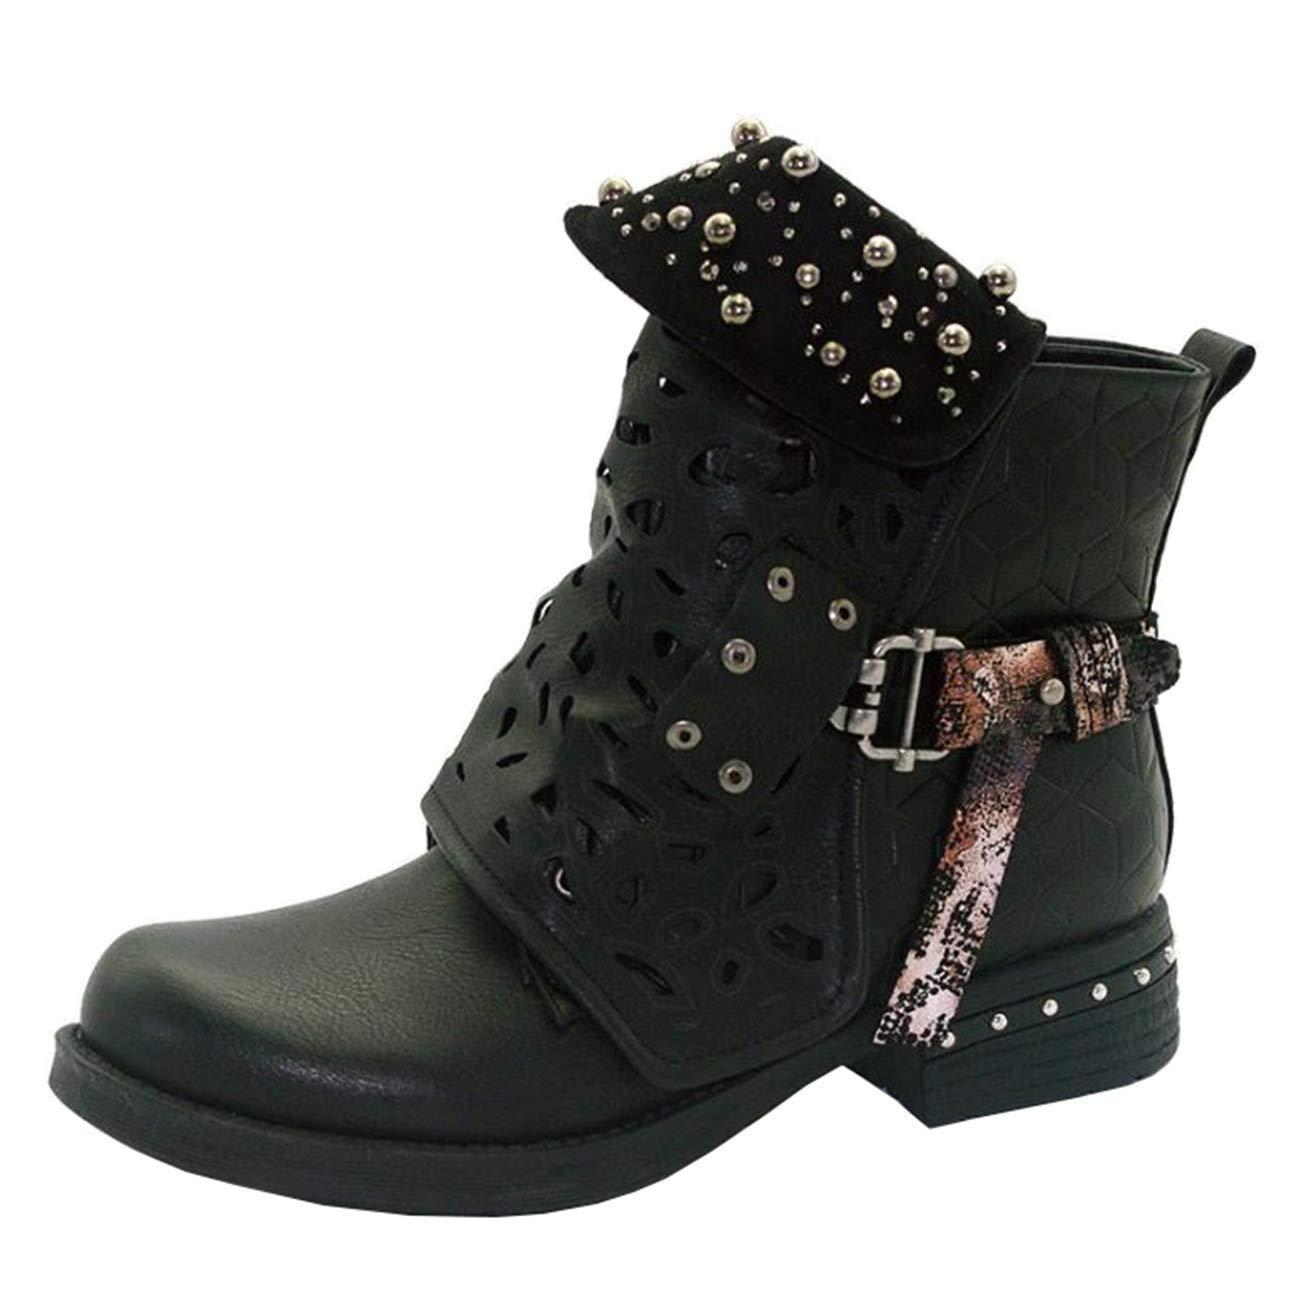 Qiusa Damen Rund-Toe Block-Heel Zip Schnalle Hohl Hohl Hohl Stiefeletten (Farbe   Schwarz Größe   4 UK) 63d6fc